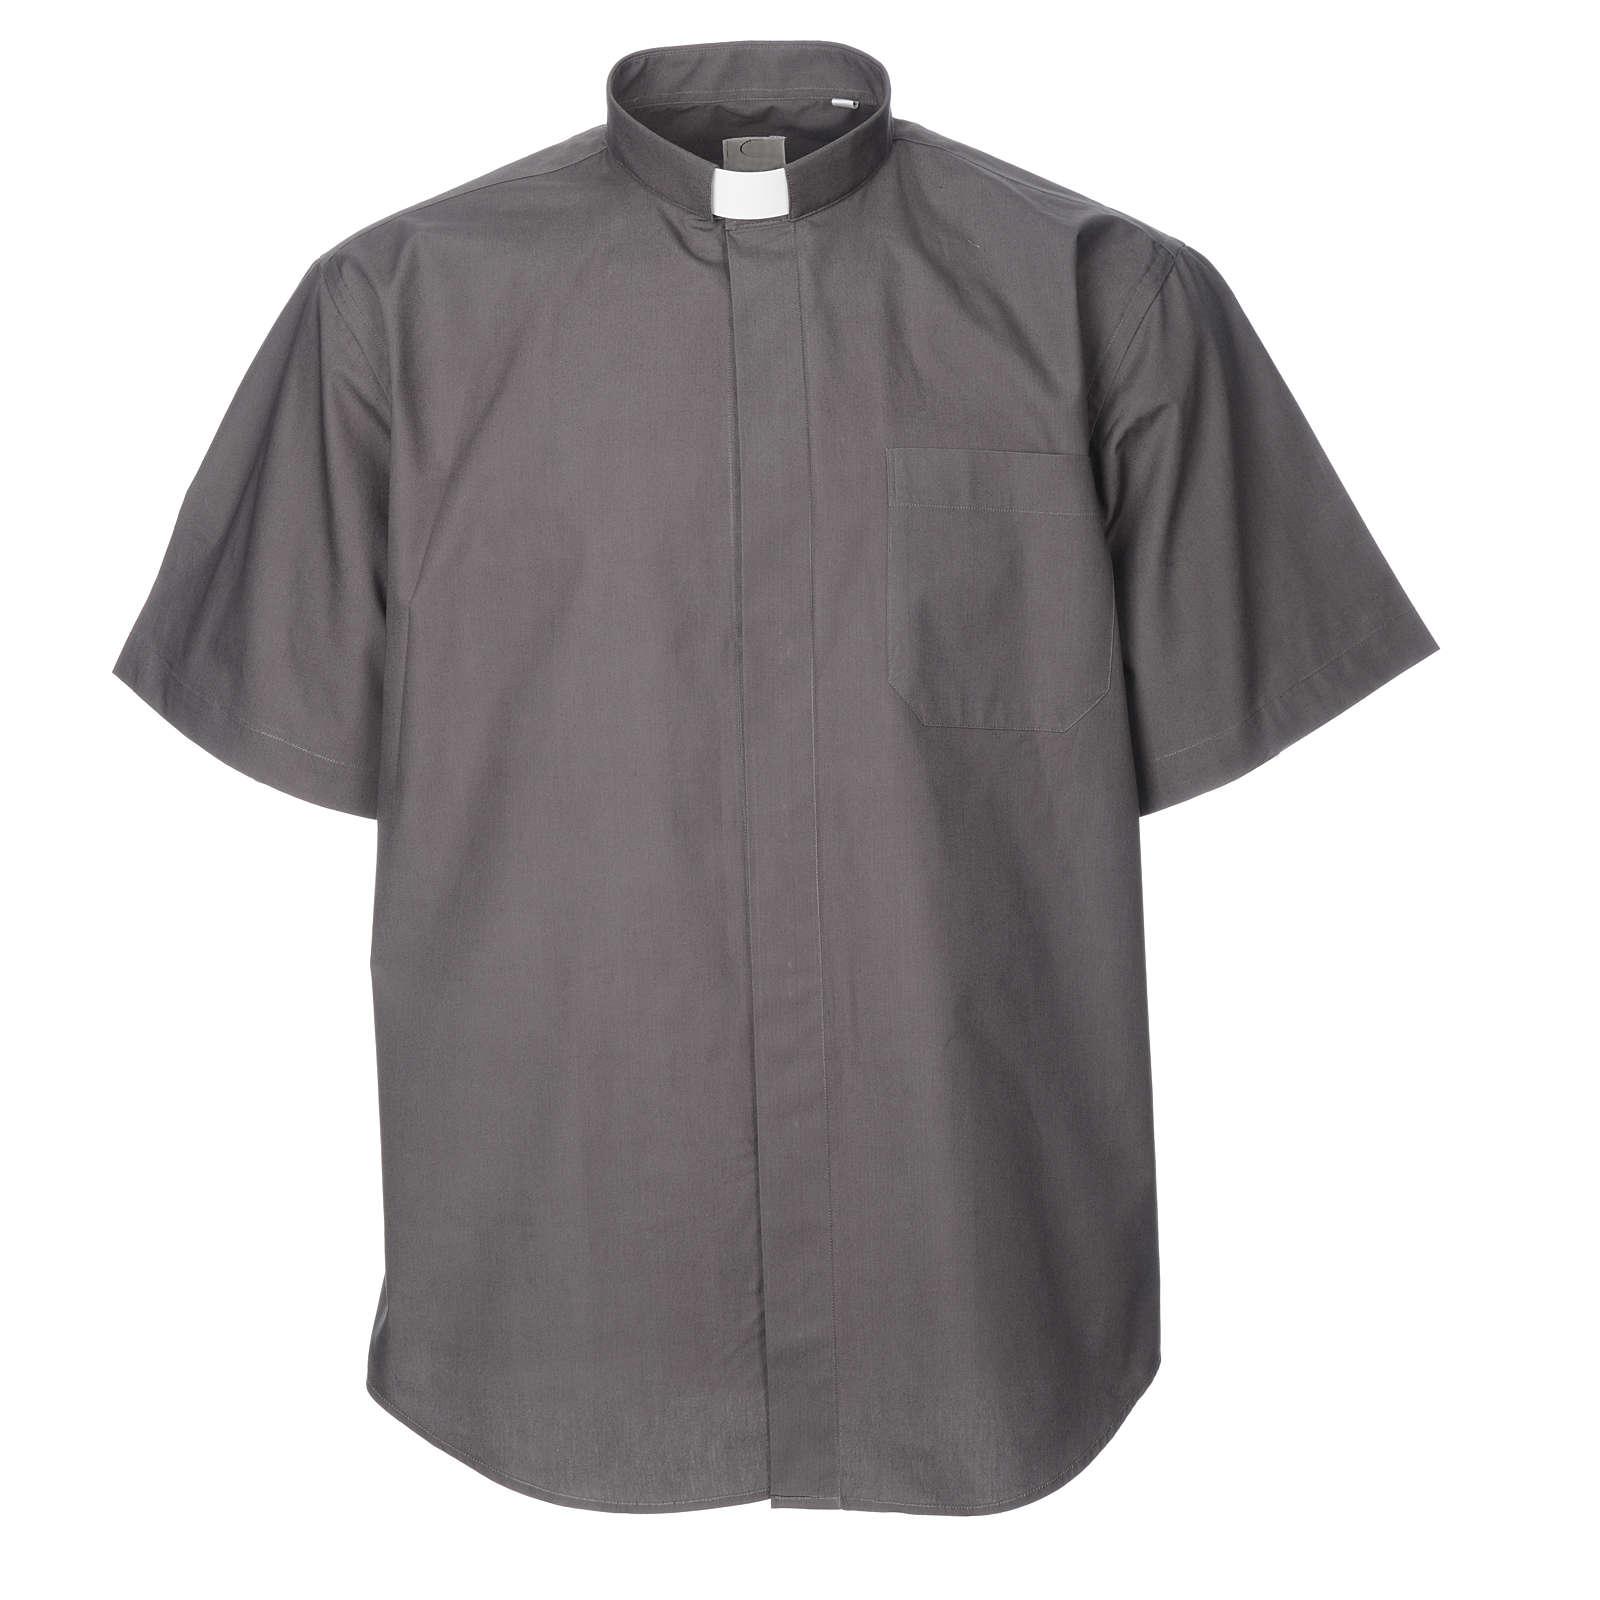 STOCK Camicia clergyman manica corta popeline grigio scuro 4